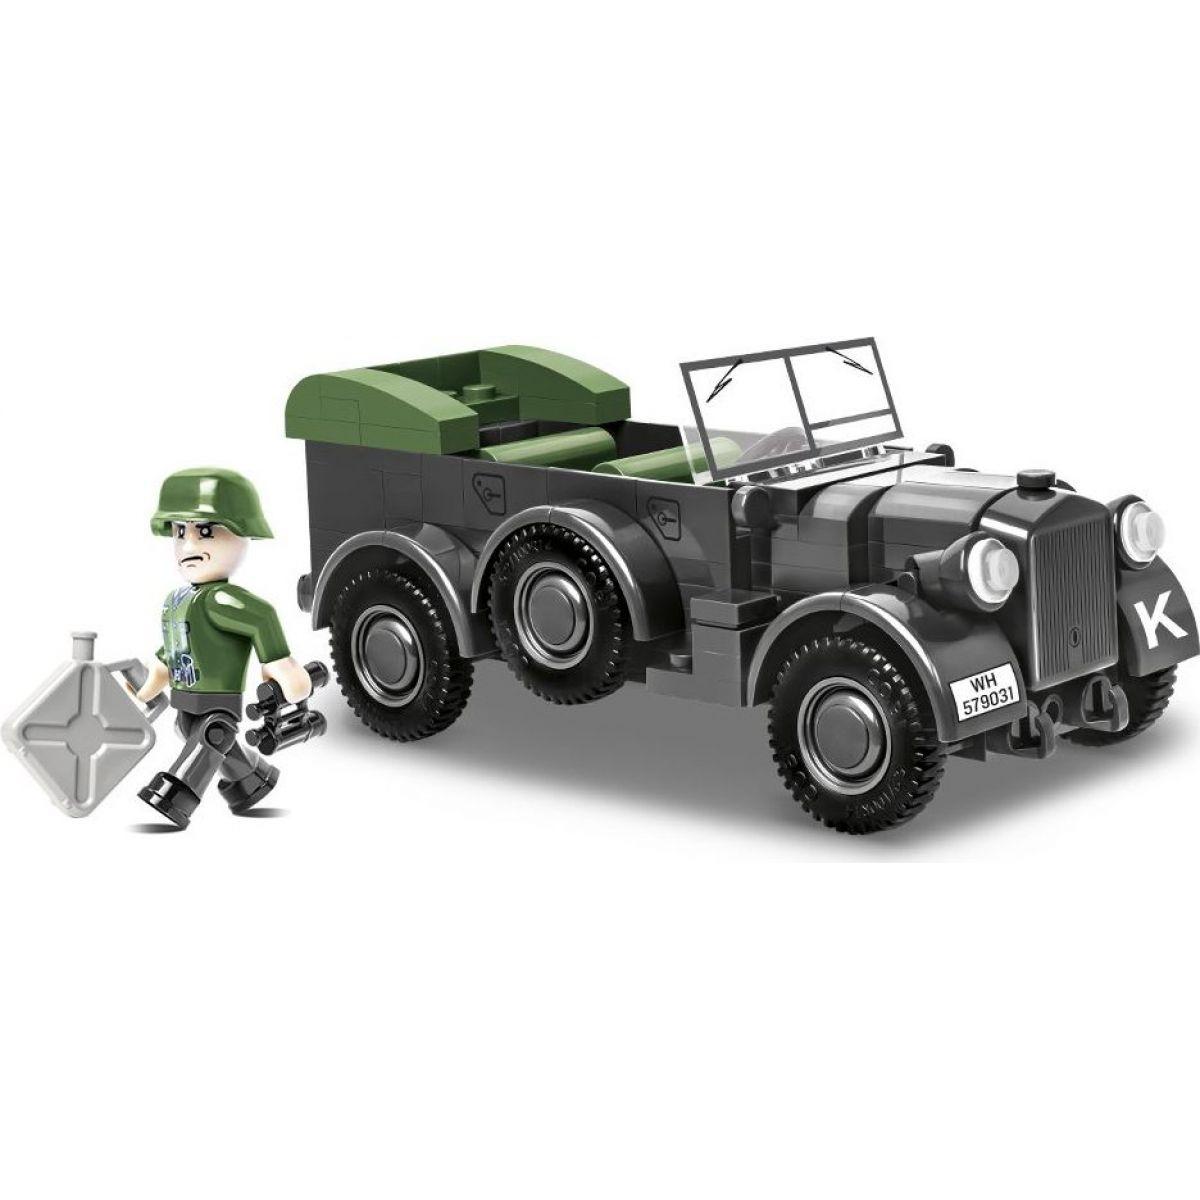 Cobi 2405 Malá armáda II. světová válka 1937 Horch 901 Kfz. 15 1:35